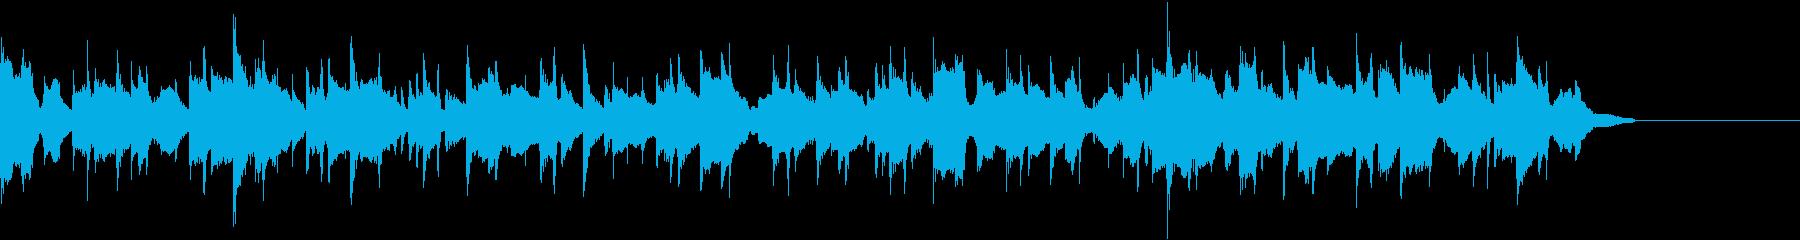 アップテンポの再生済みの波形